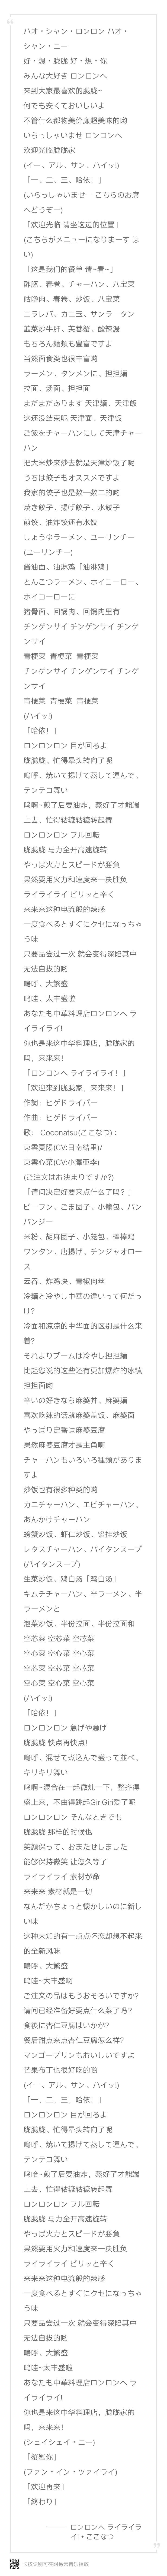 【音乐】ロンロンヘ ライライライ!